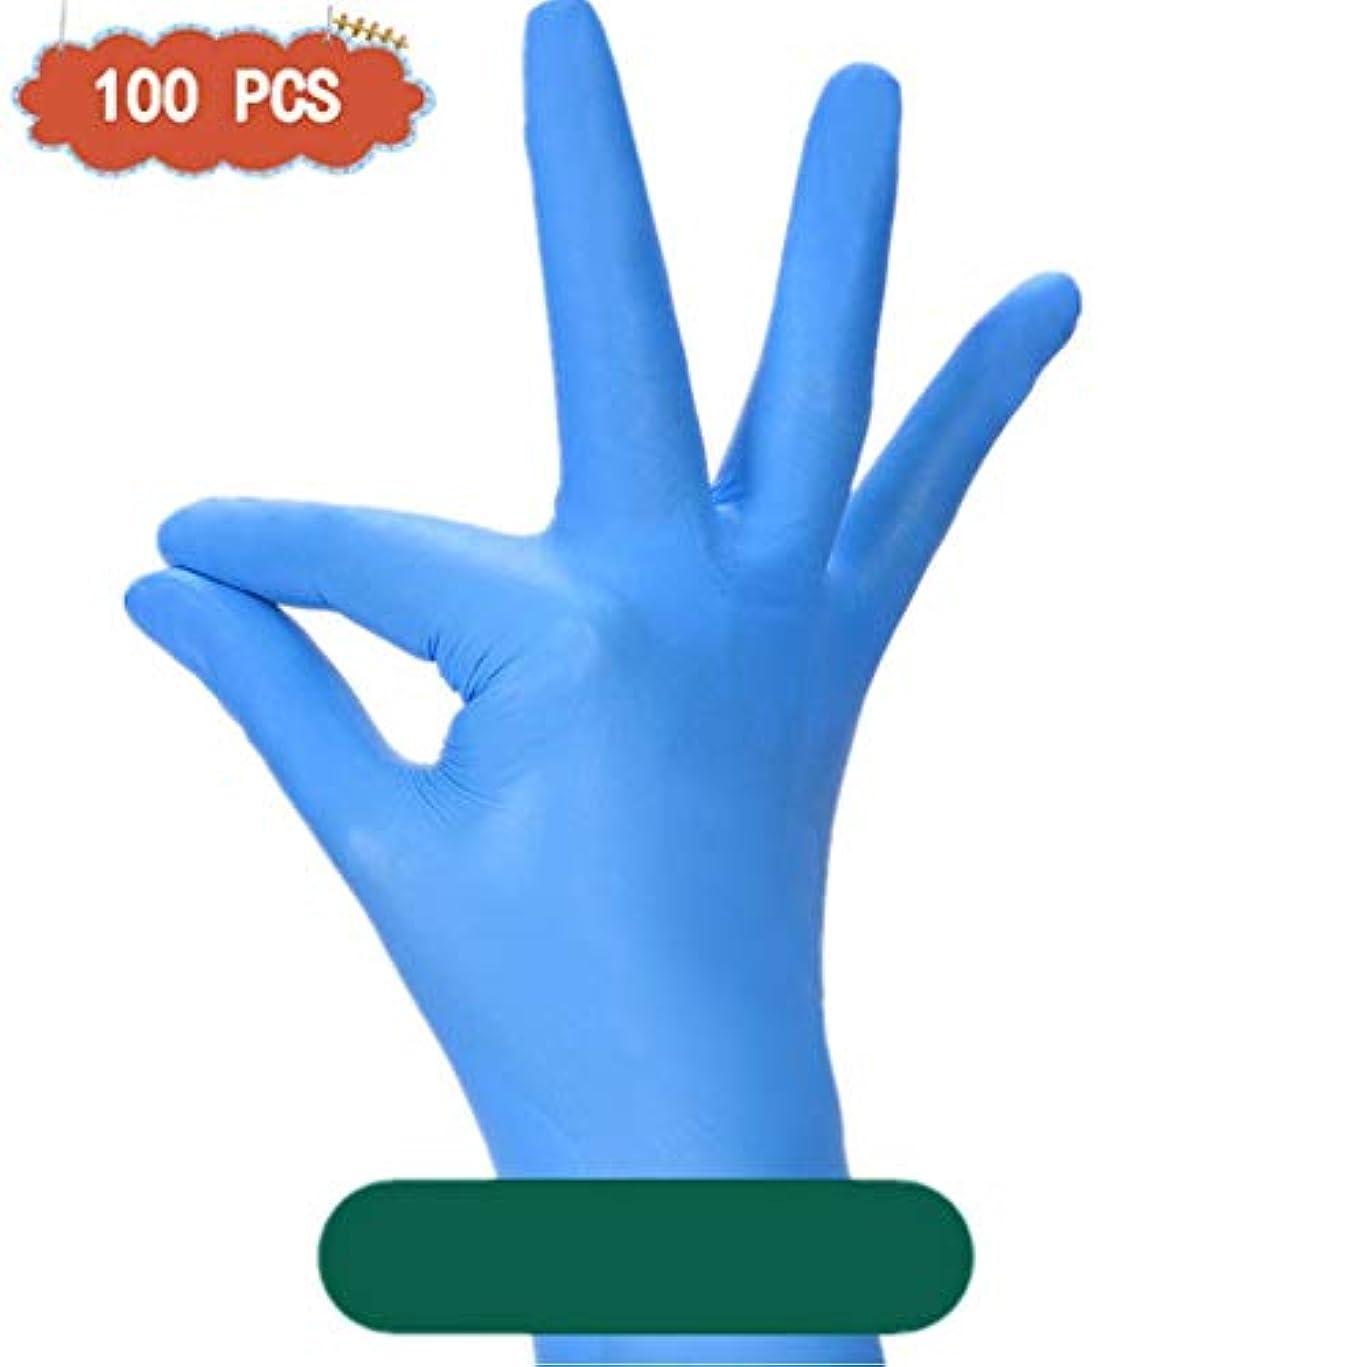 ドキュメンタリーファシズムポルノニトリル手袋、12インチの食器洗い用滑り止め防水ゴムと長い厚い使い捨て手袋ペットケアネイルアート検査保護実験、美容院ラテックスフリー、100個 (Size : L)